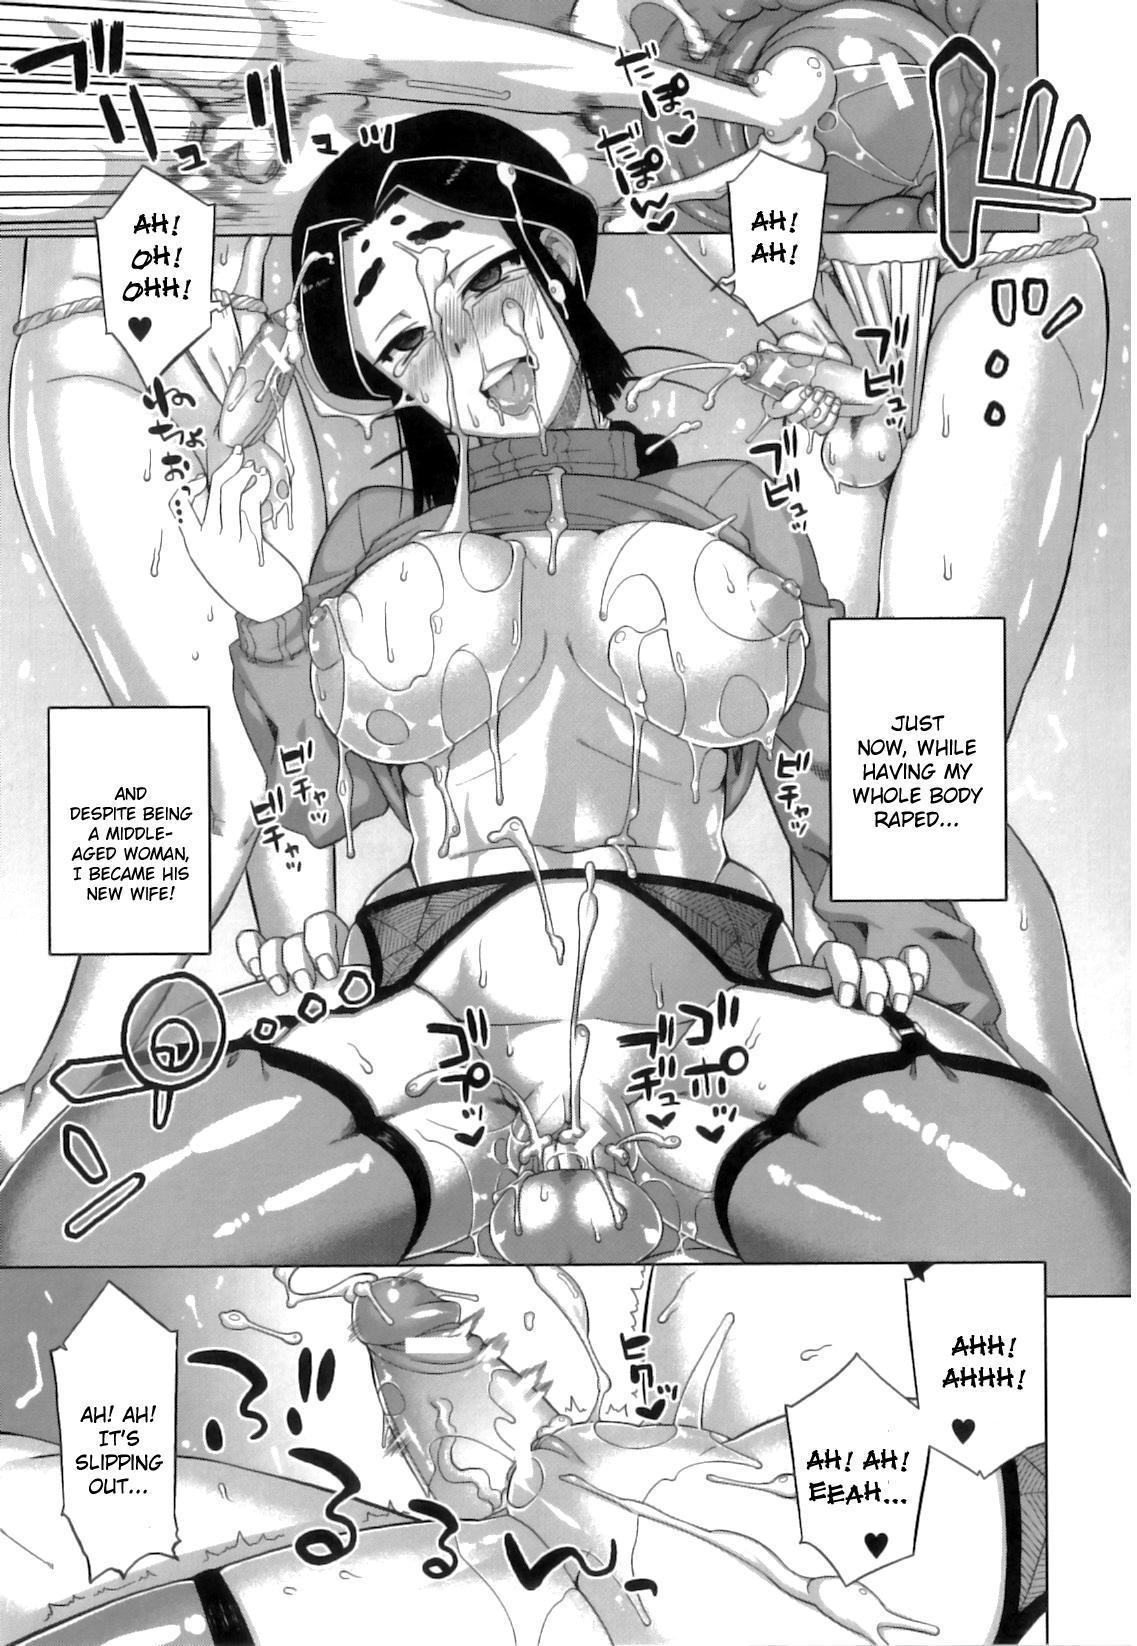 [Takatsu] DH! ~Himorogi Hyaku Yome Gatari~ | Demon-Hentai! - Shrine of One Hundred Wives [English] {doujin-moe.us} 86